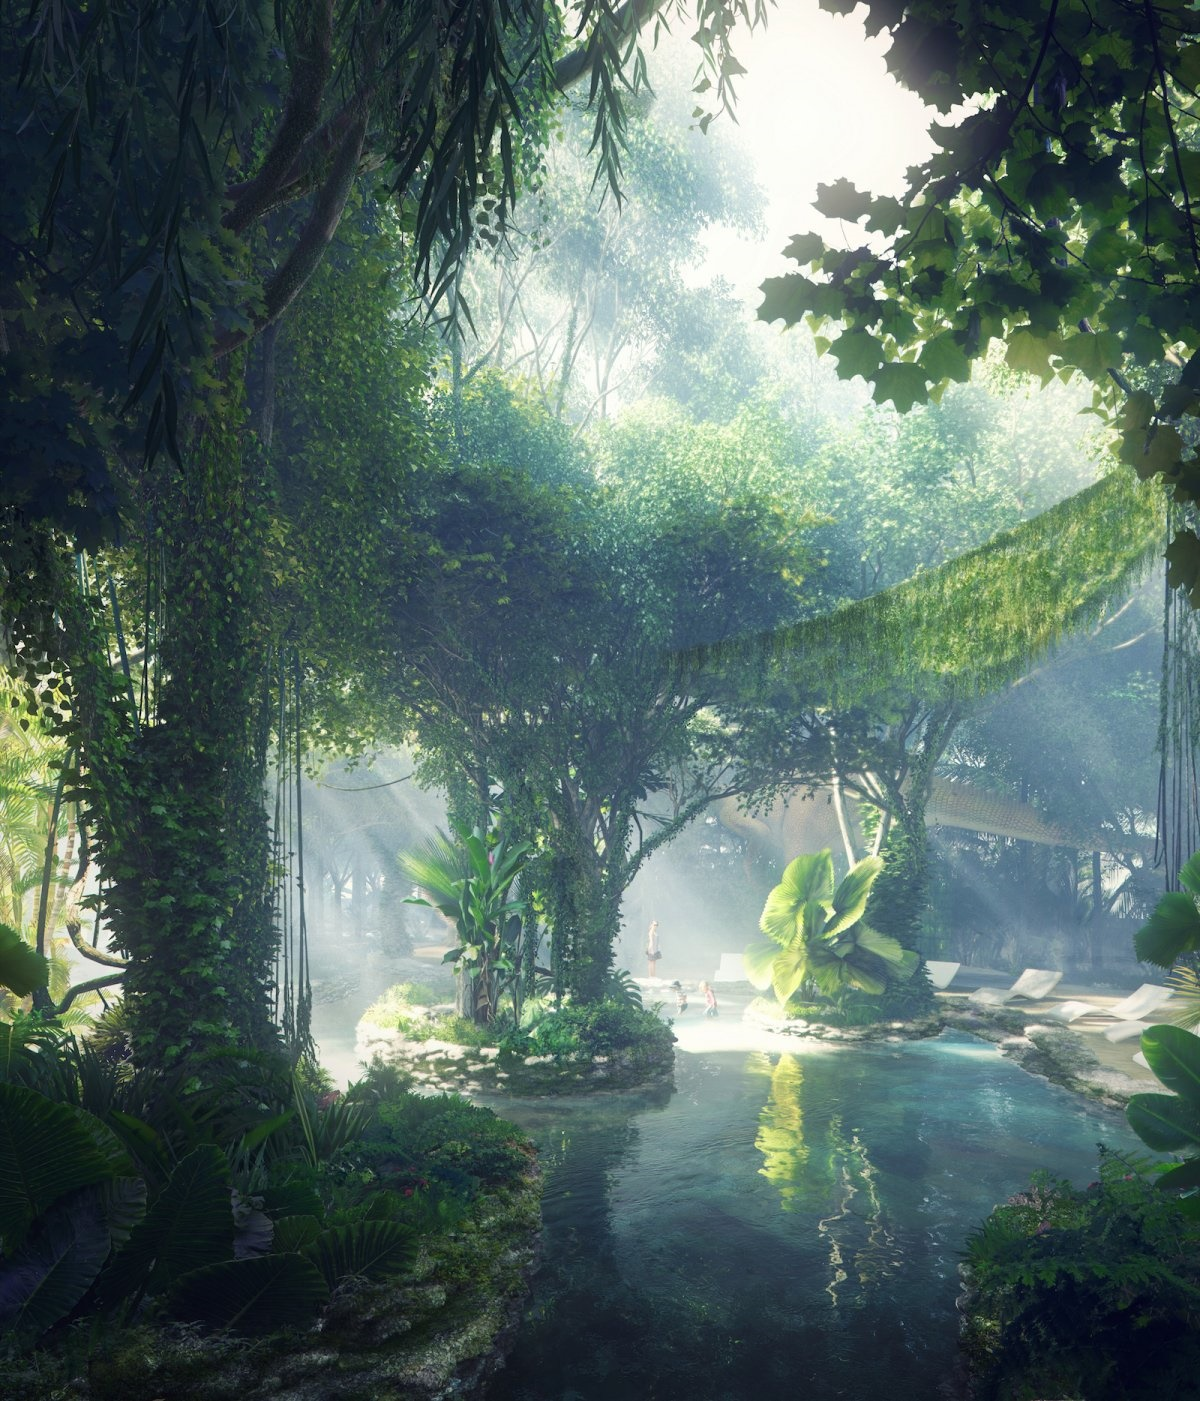 اولین هتلی که در آن جنگل استوایی وجود دارد! تصاویر